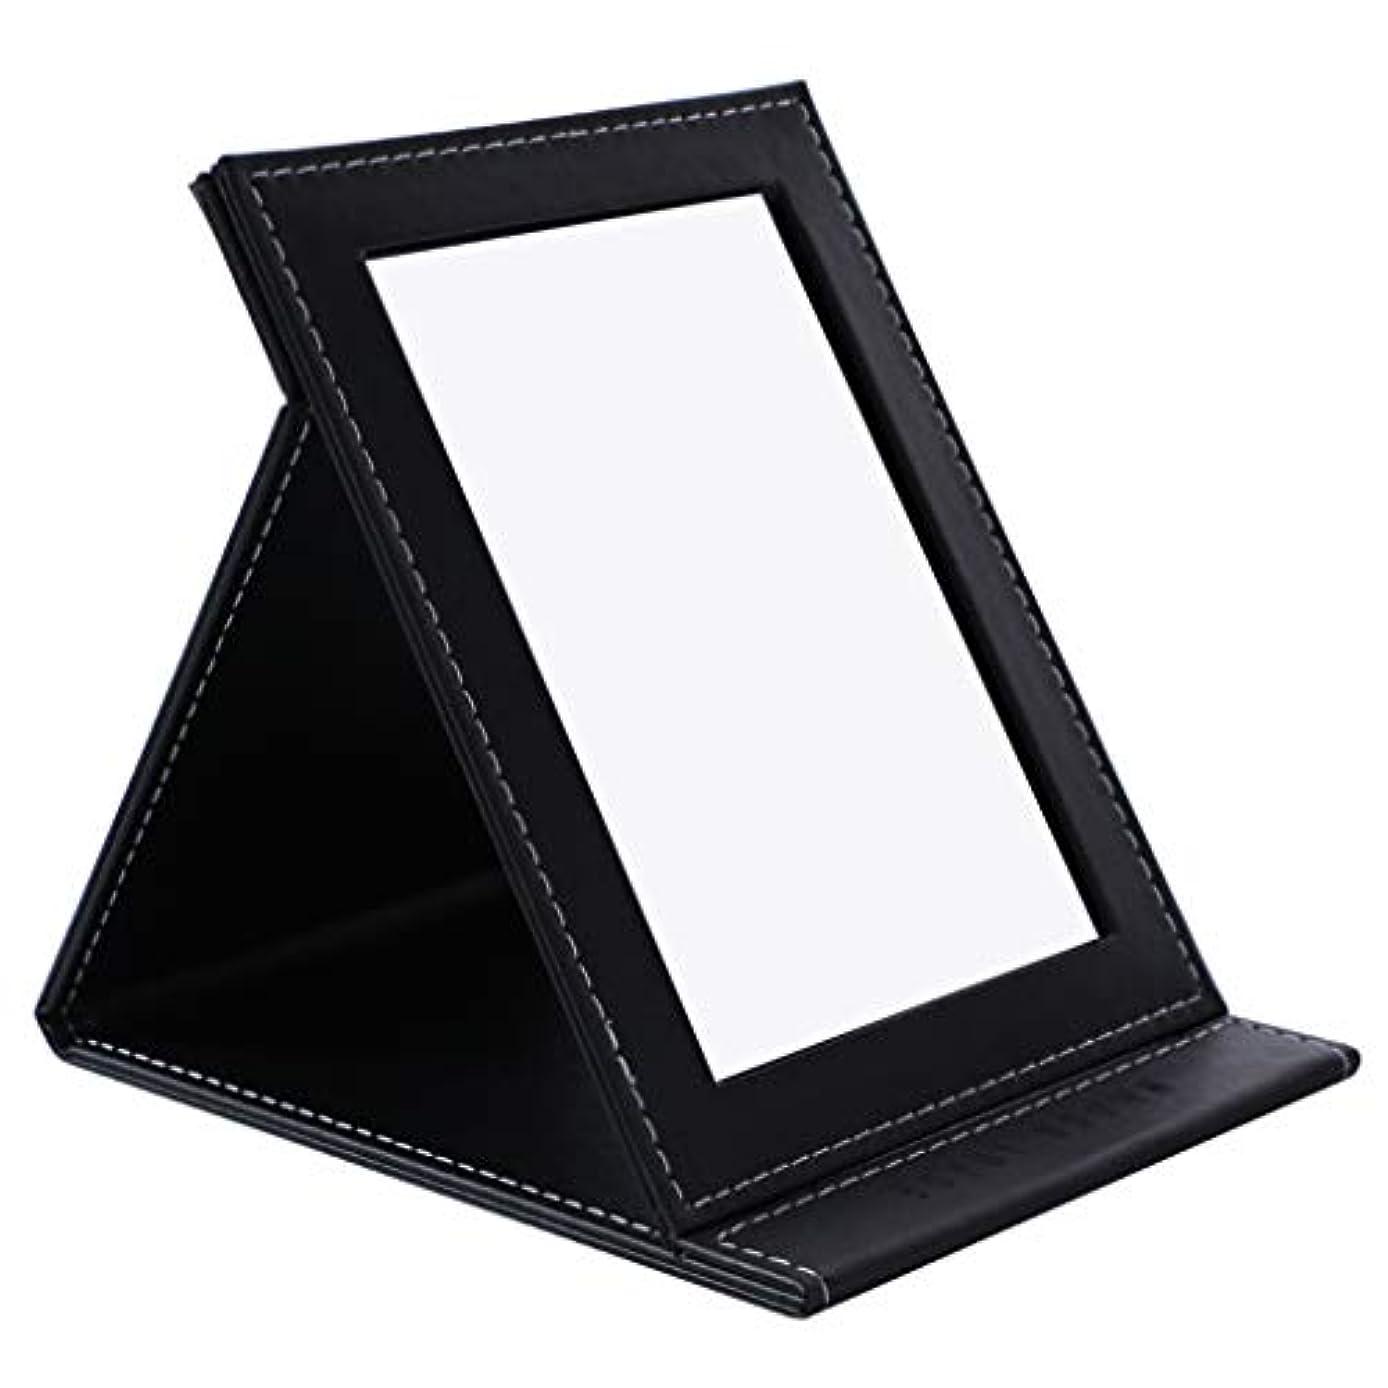 虚弱助手アテンダントデスクトップの虚栄心ミラーHD折りたたみミラー卓上化粧鏡ポータブル用女の子学生女性,黒